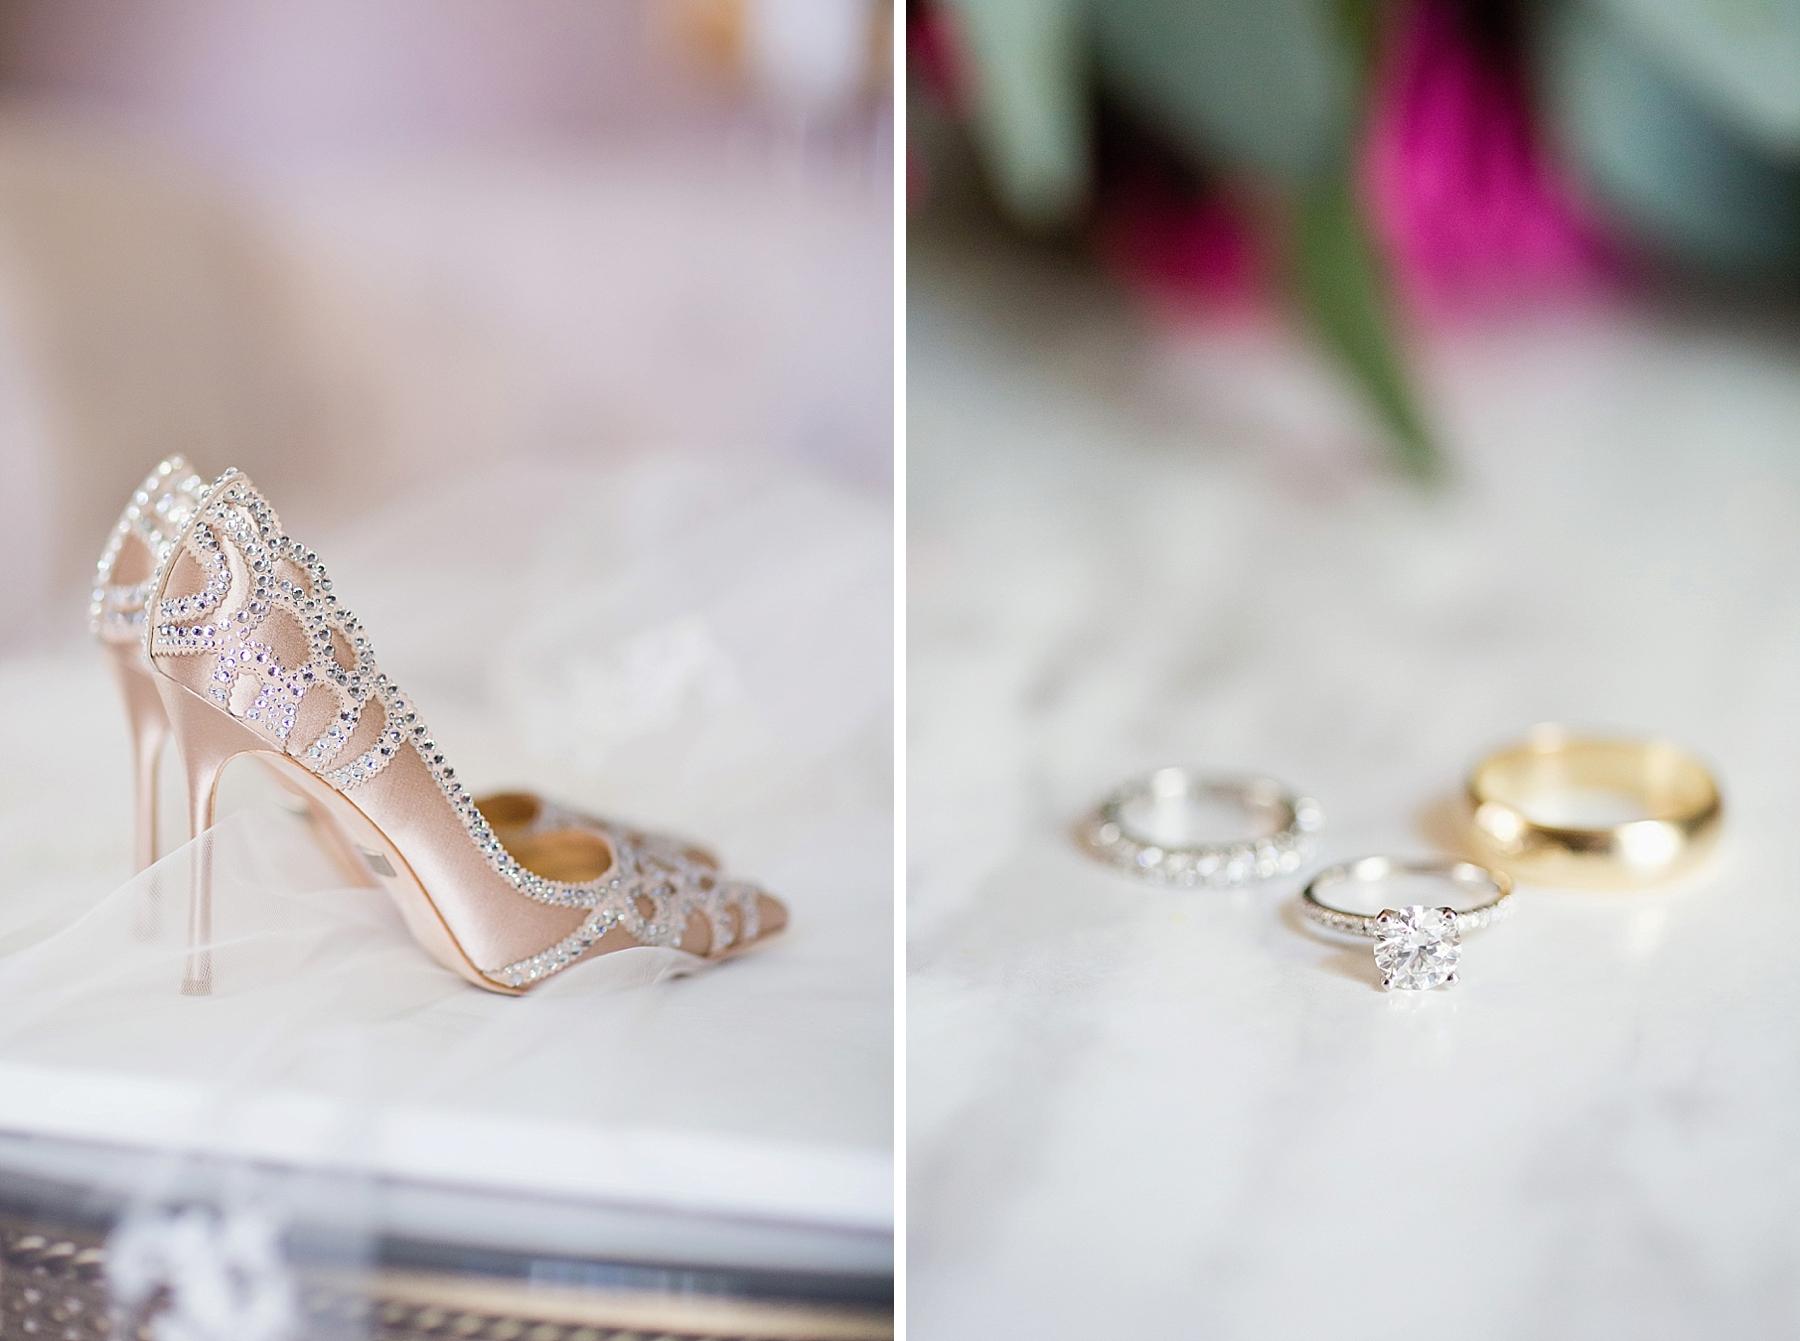 windsor-wedding-photographer-essex-golf-country-club-wedding-eryn-shea-photography_0009.jpg